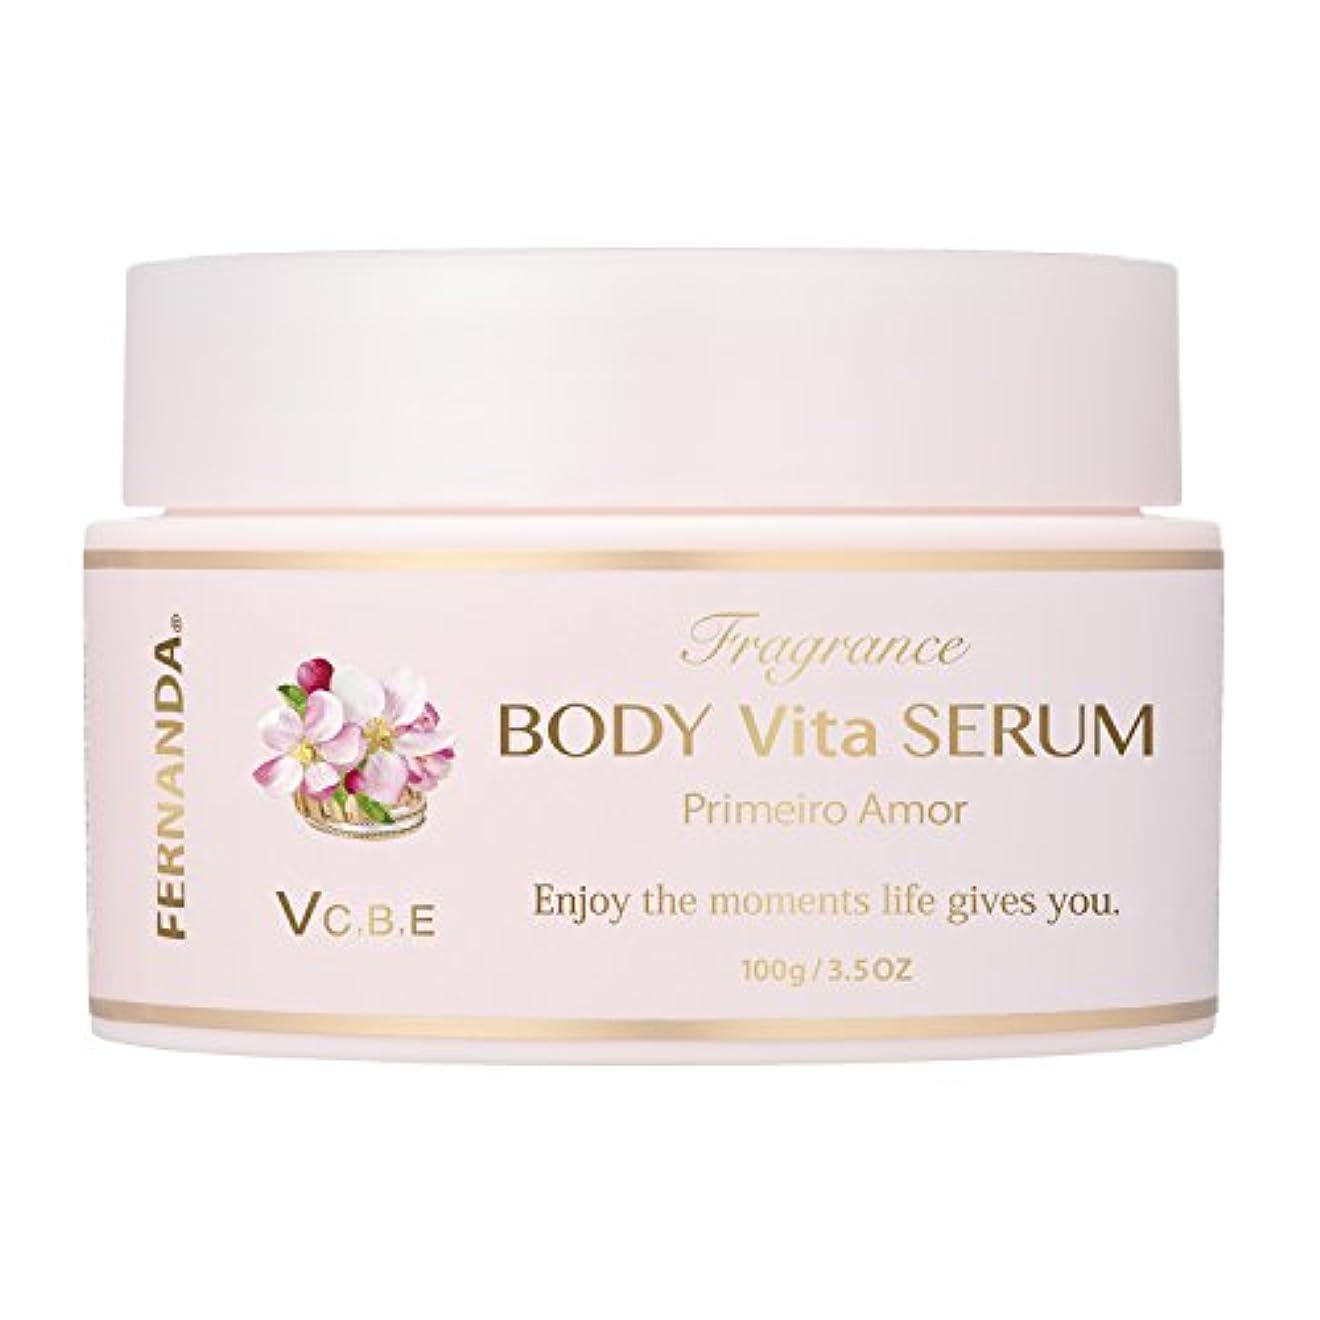 値ストラップ基礎FERNANDA(フェルナンダ) Body Vita Serum Primeiro Amor(ボディビタセラム プリメイロアモール)